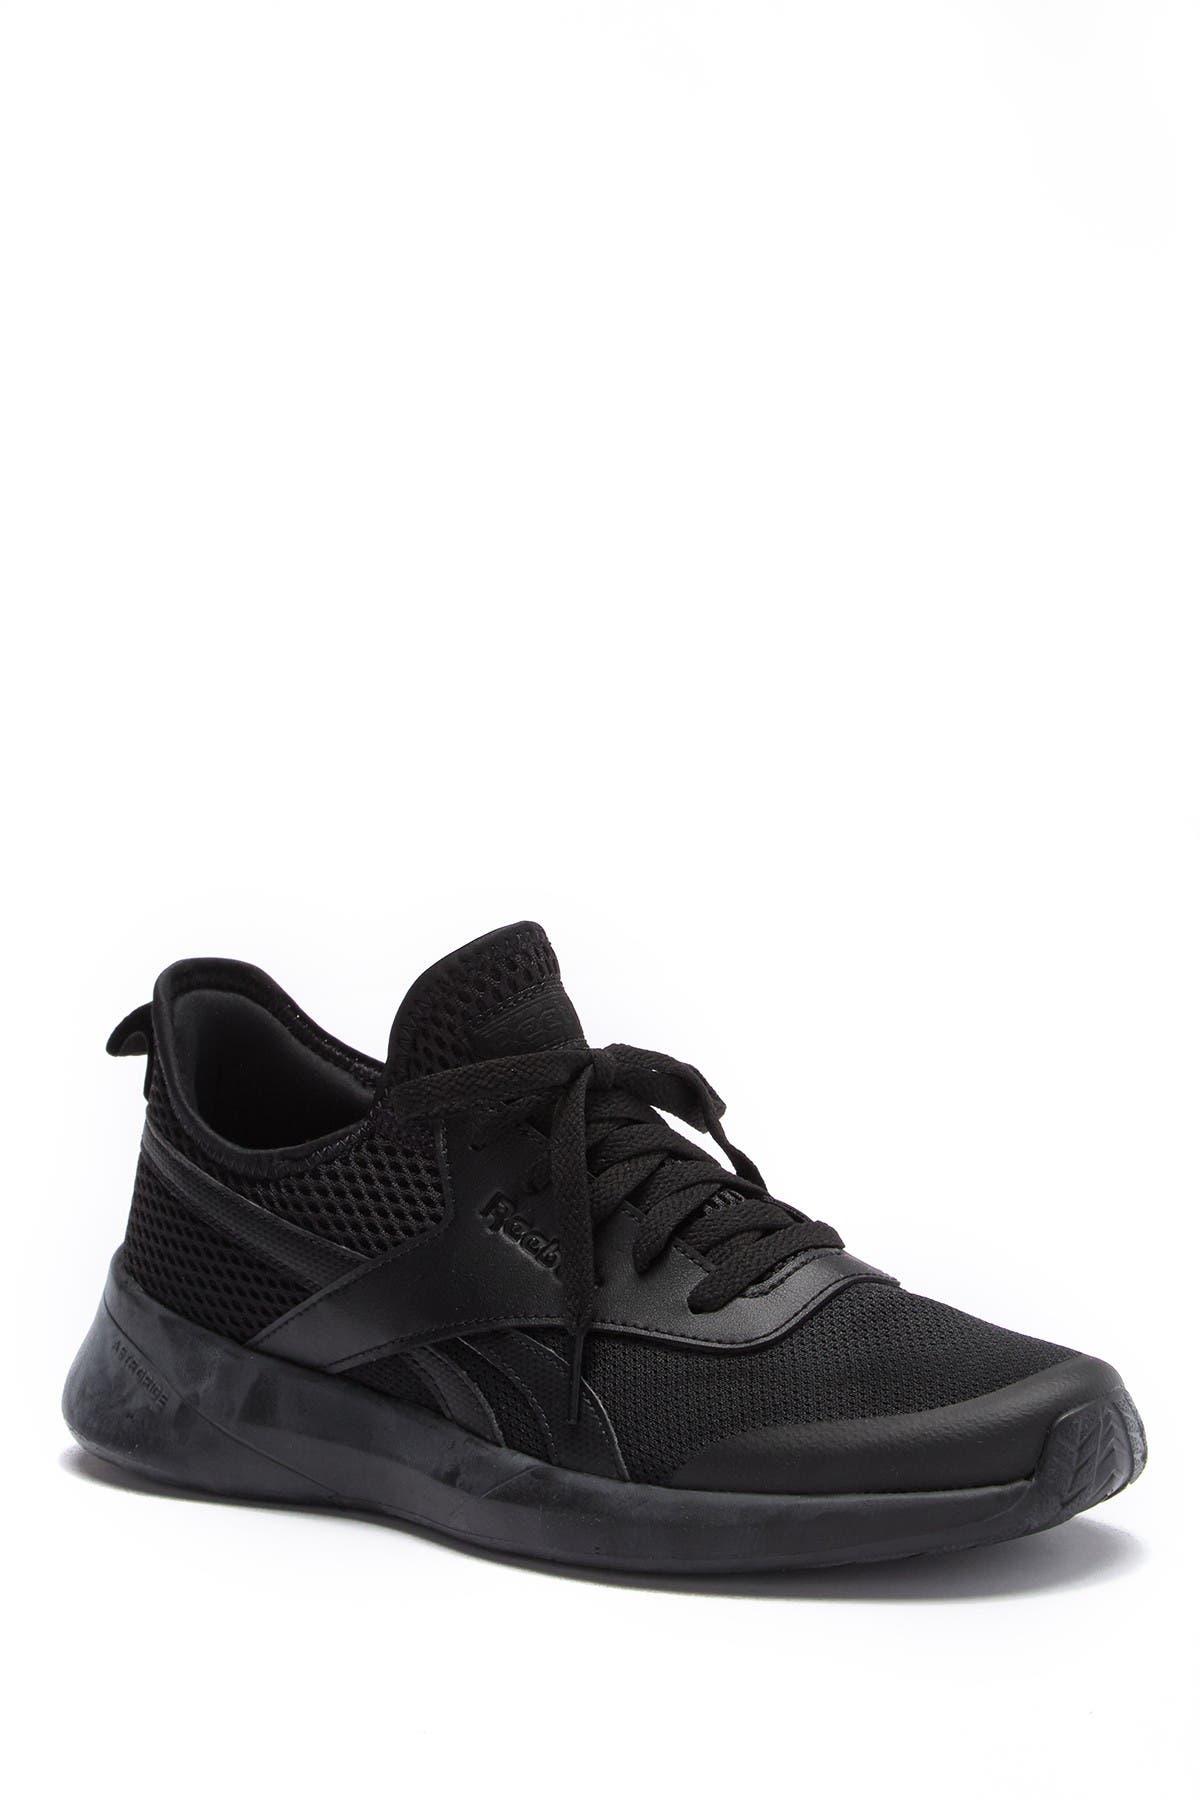 Reebok | Royal EC Ride 2 Sneaker